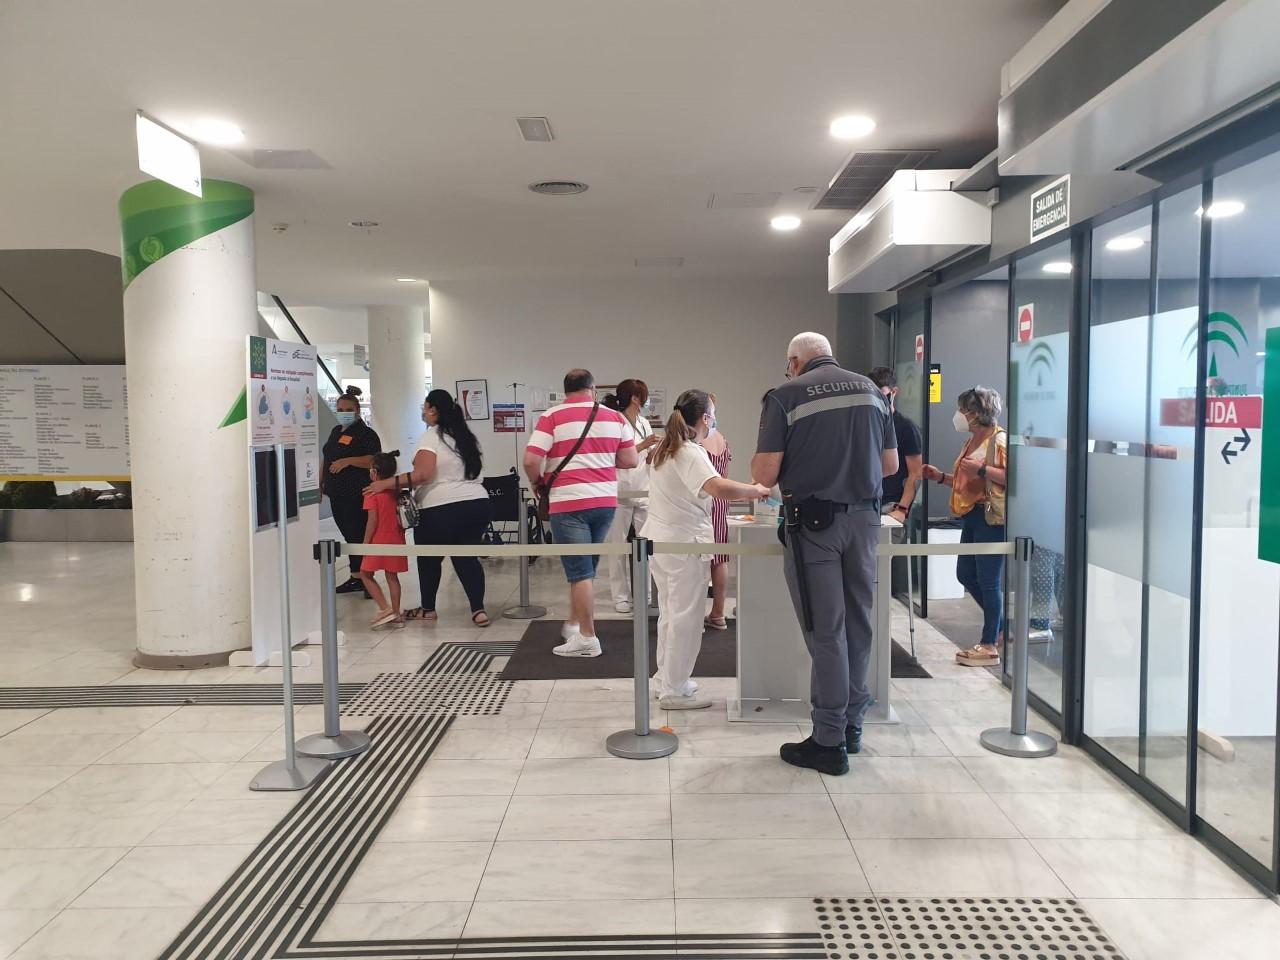 El Hospital Clínico habilita nuevas medidas de acceso y acompañamiento de pacientes para prevenir situaciones de riesgo